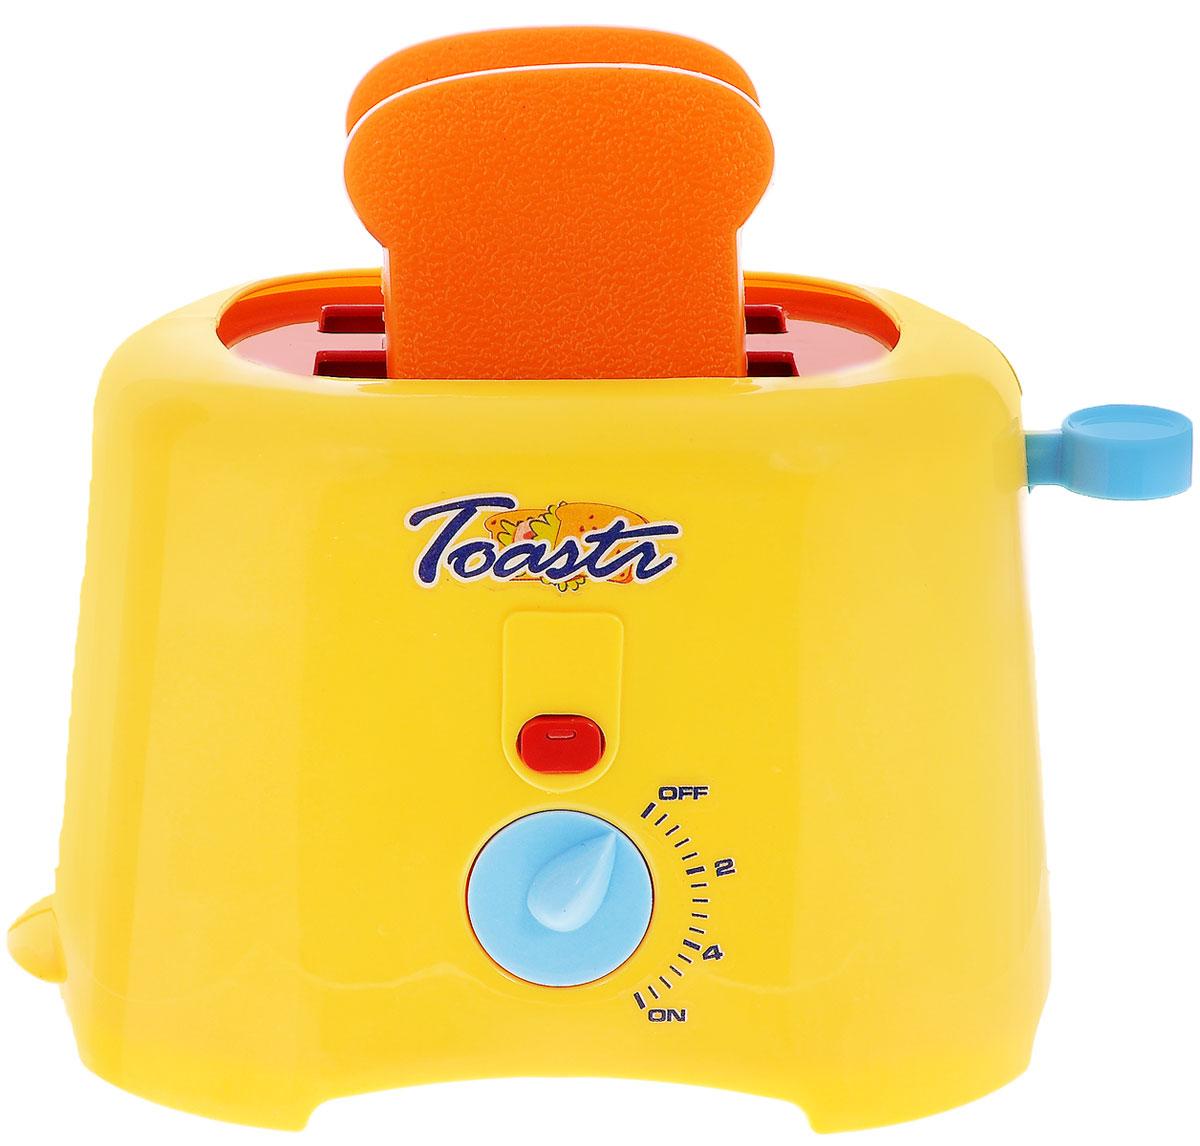 Zhorya Игровой набор ТостерХ75822Игровой набор Zhorya Тостер привлечет внимание вашего маленького кулинара и не позволит ему скучать. Набор включает в себя тостер и 2 кусочка хлеба. Игрушечный тостер очень похож на настоящий кухонный прибор! Поместите тосты внутрь, поверните выключатель - и внутри тостера тут же загорится свет, имитирующий раскаленные спирали настоящего тостера, а также раздастся характерный звук готовящихся тостов. Когда время готовки закончится - тосты выпрыгнут наружу. С таким набором ваш малыш сможет приготовить для своих игрушек вкусный завтрак. Игрушечная бытовая техника не только развлекает ребенка, но и знакомит его с правилами использования электроприборов. Порадуйте его таким замечательным подарком! Для работы игрушки необходимы 2 батарейки напряжением 1,5V типа АА (не входят в комплект).